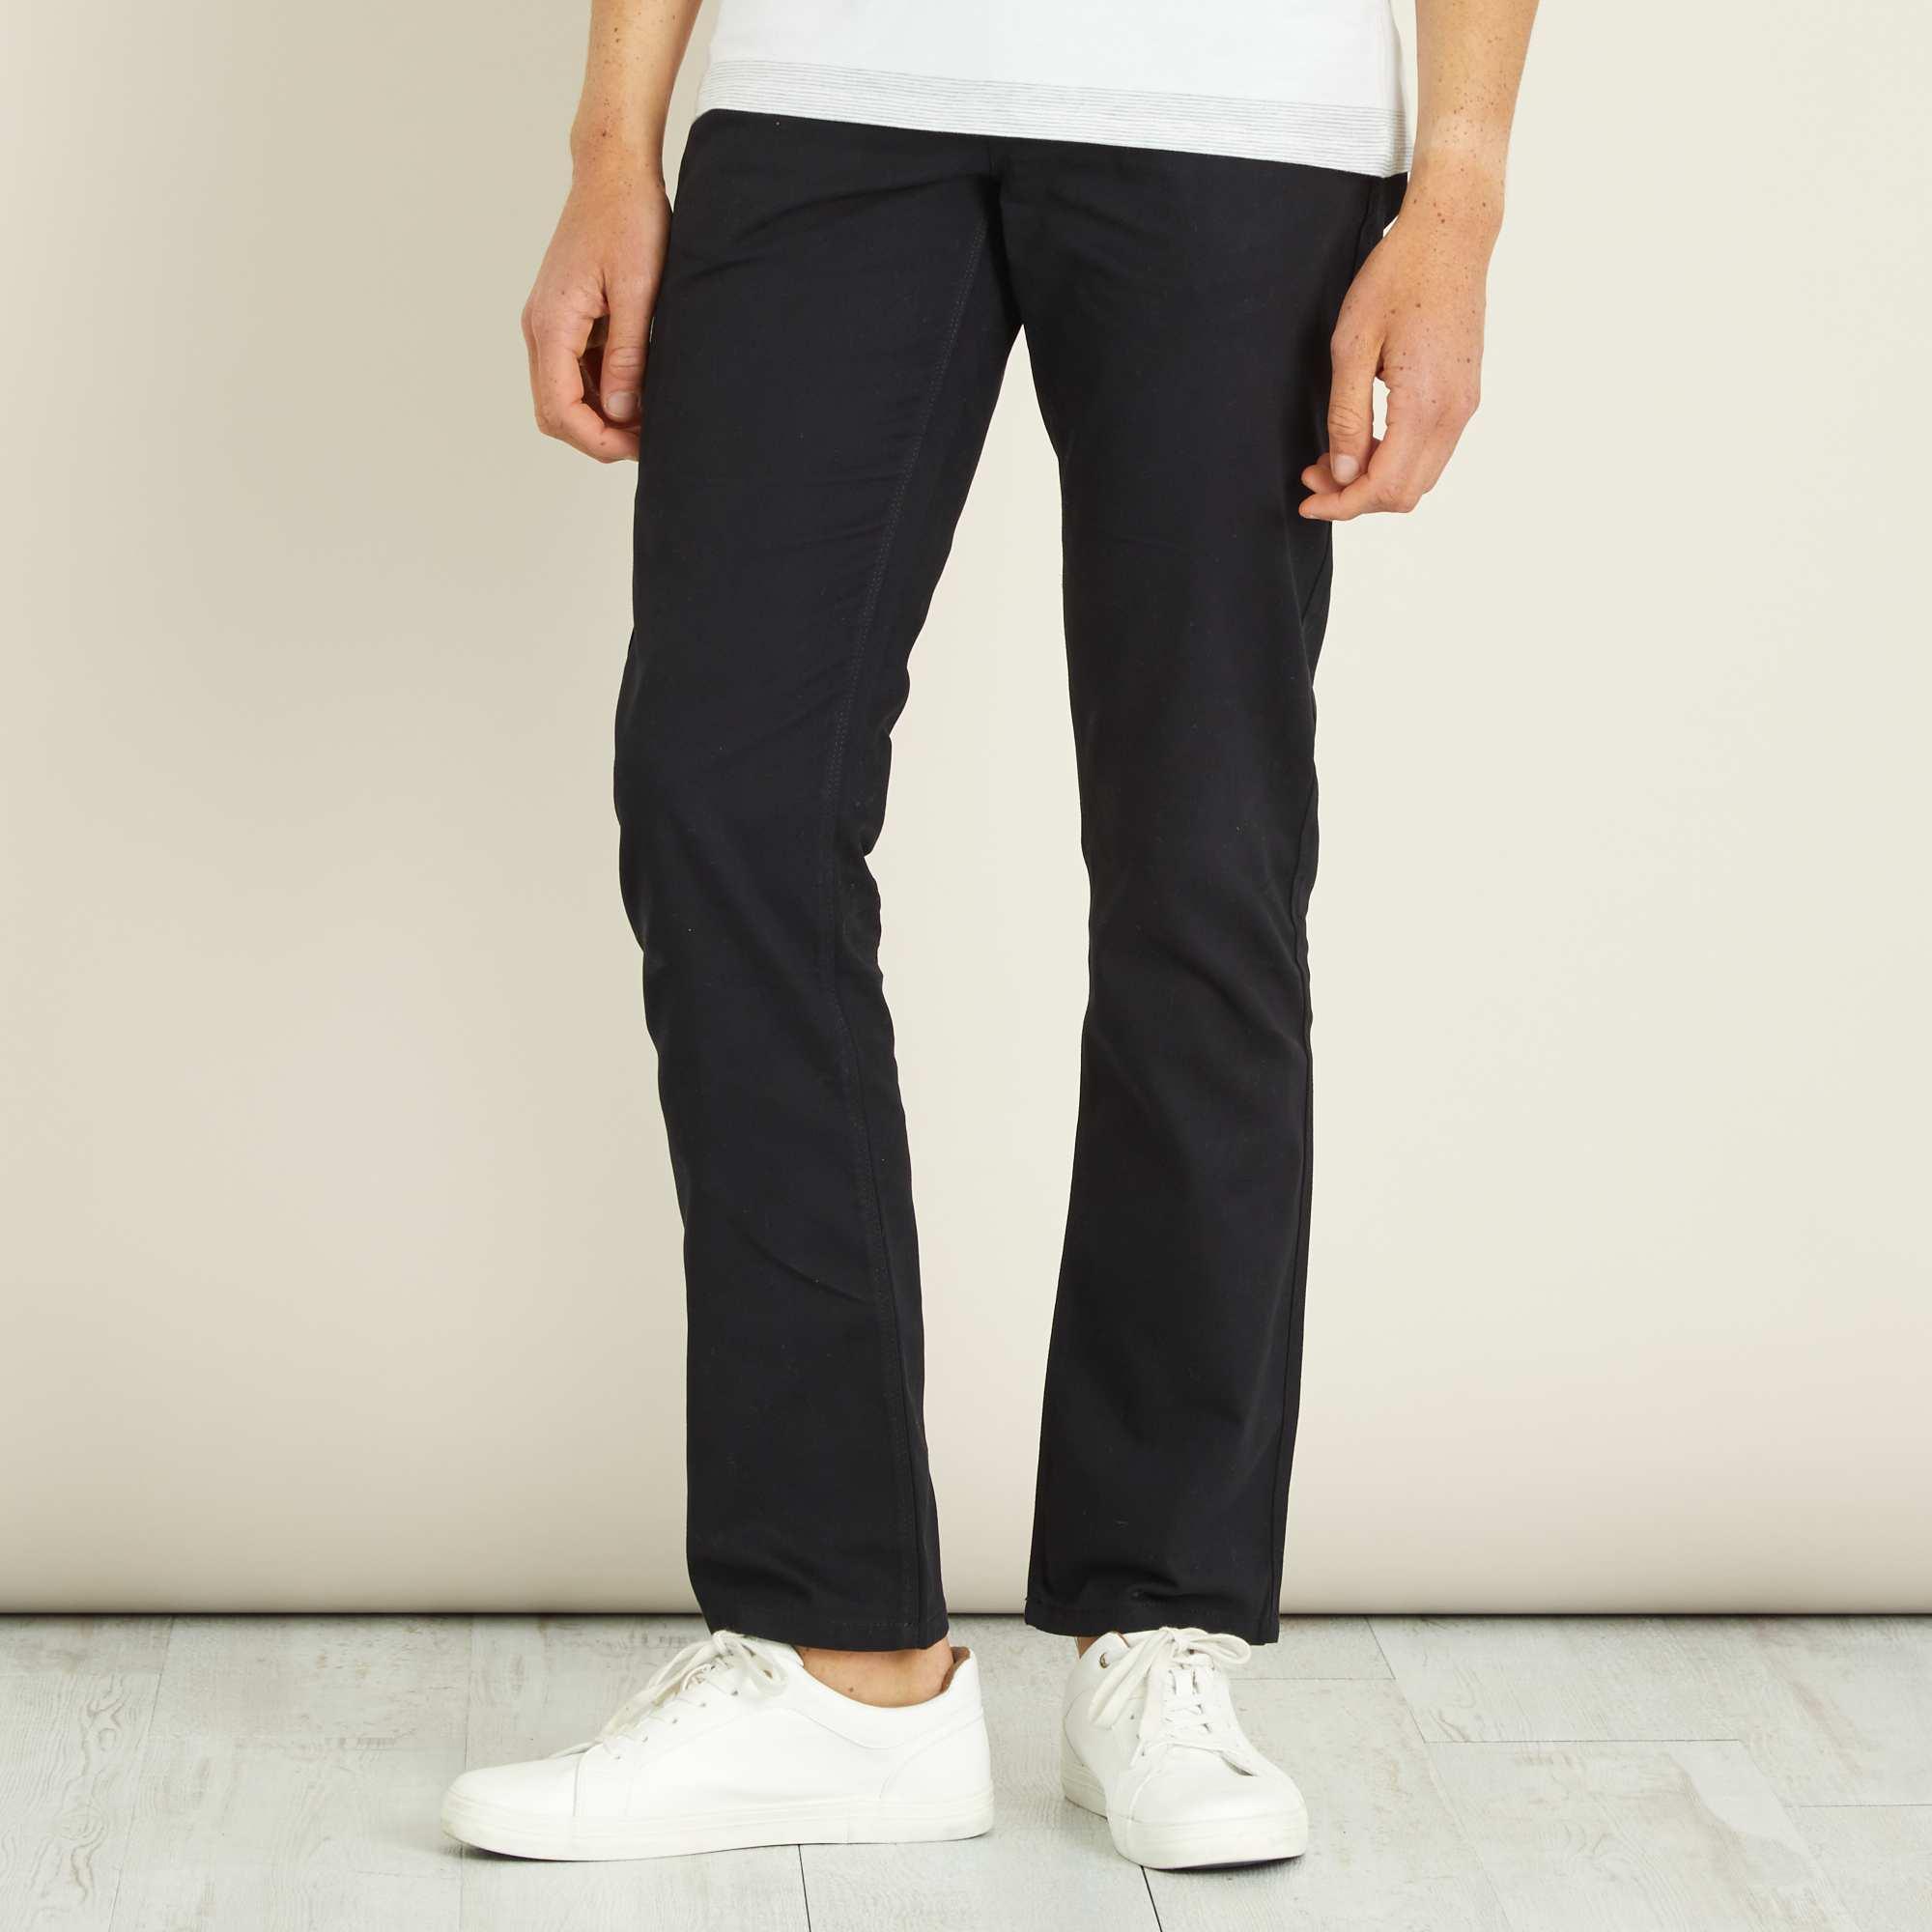 Couleur : noir, gris, ,, - Taille : 46, 40, 50,48,44Classique mais essentiel à tout bon vestiaire masculin ! - Pantalon 5 poches - Coupe